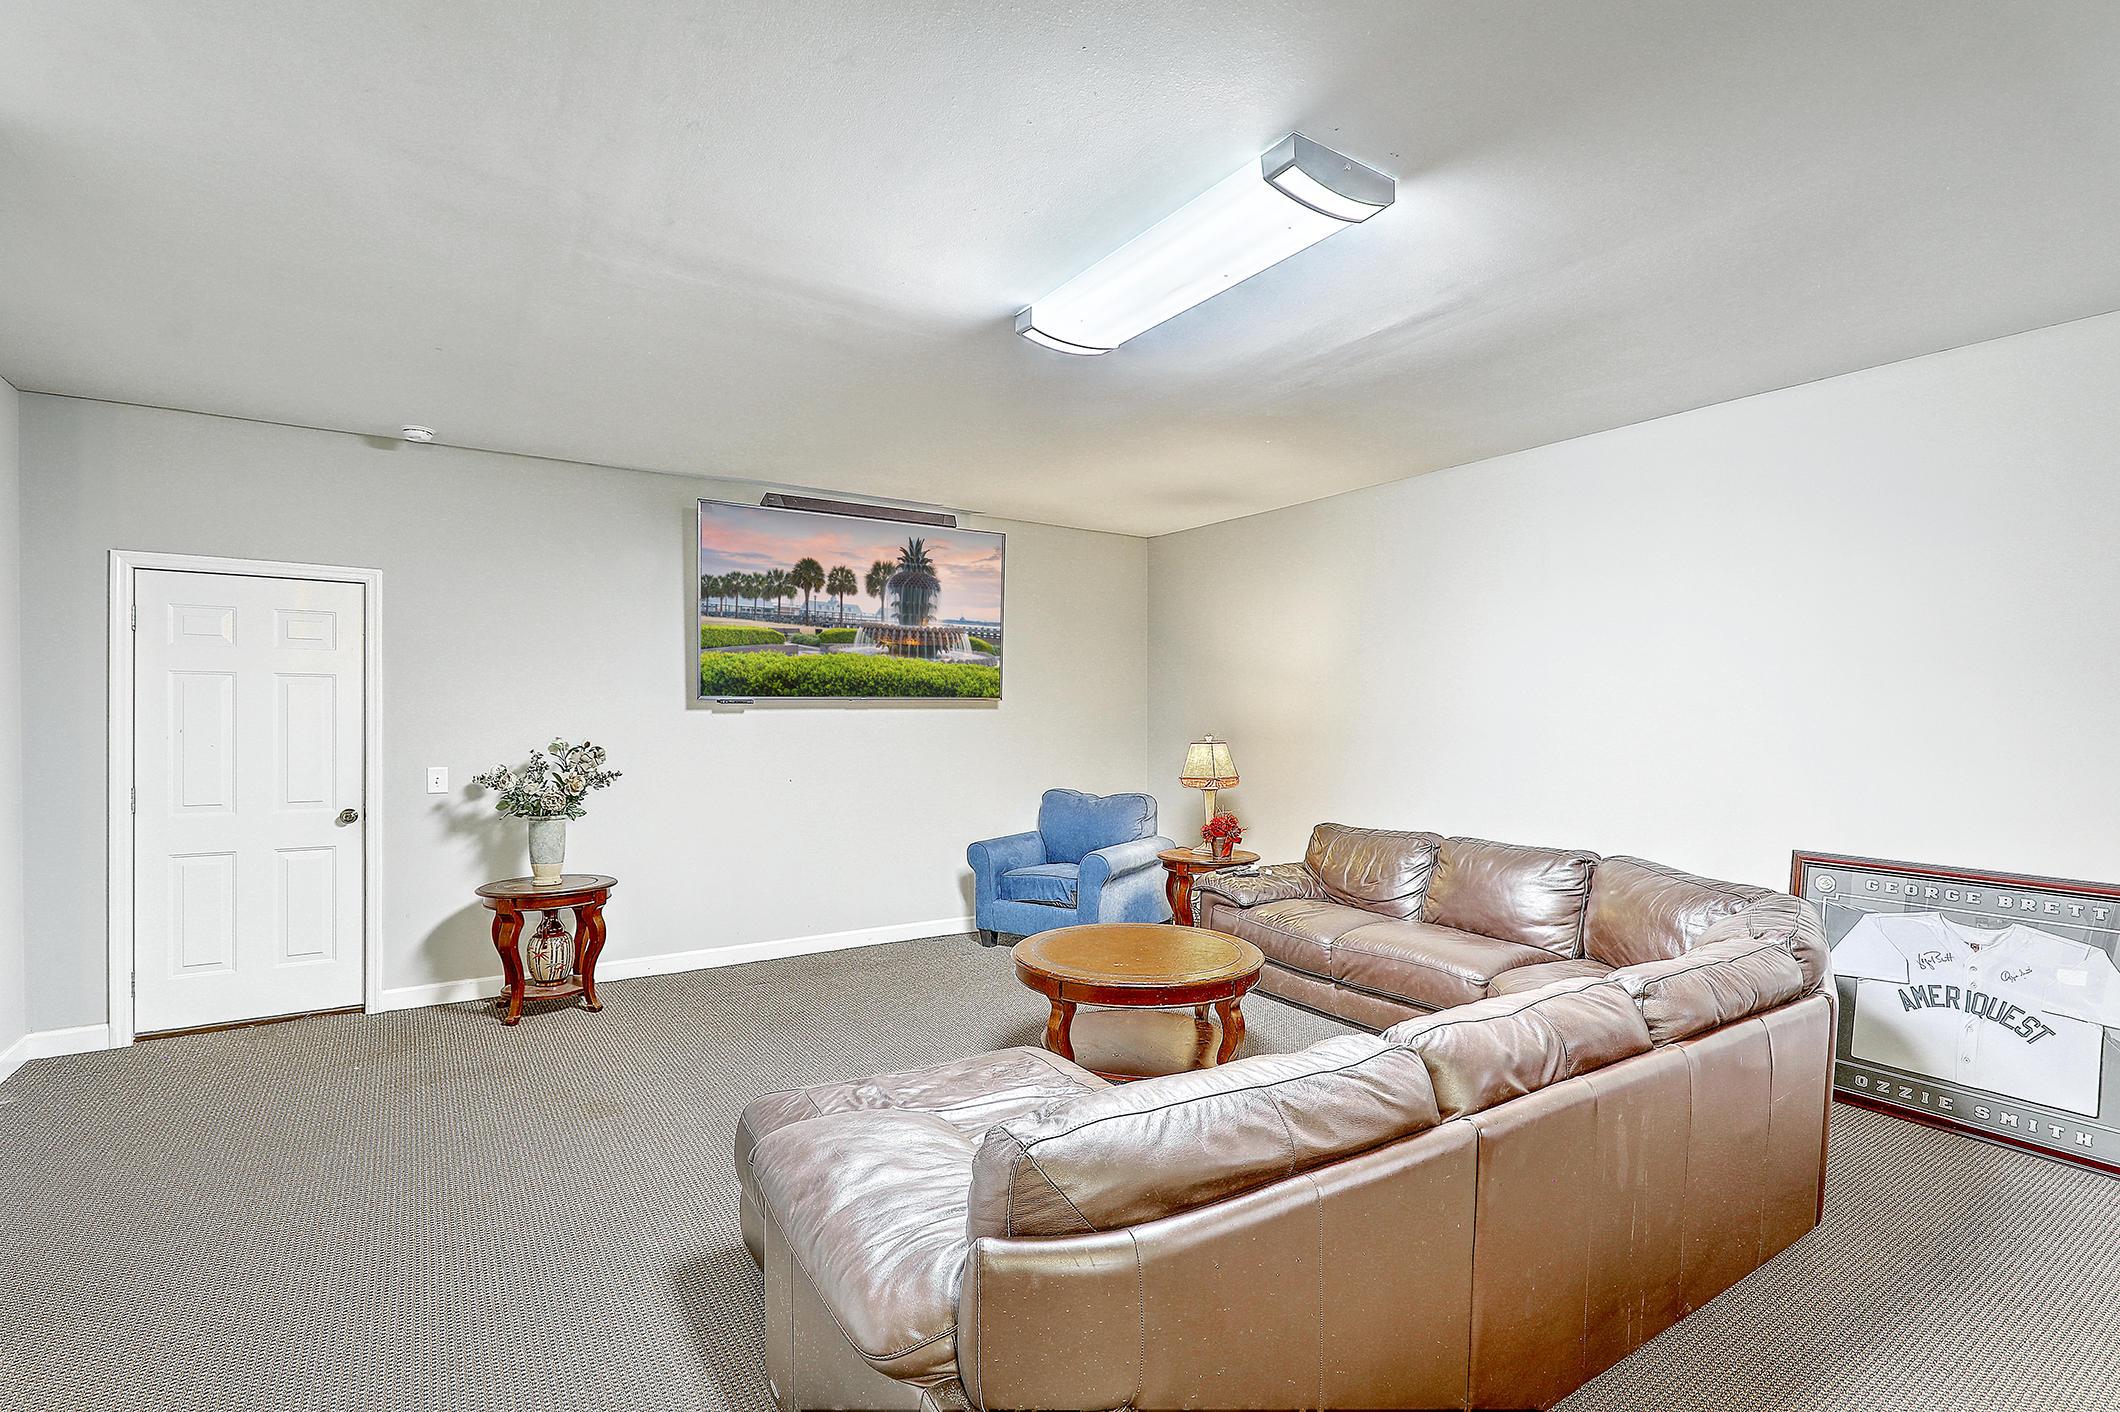 Dunes West Homes For Sale - 129 Palm Cove, Mount Pleasant, SC - 22